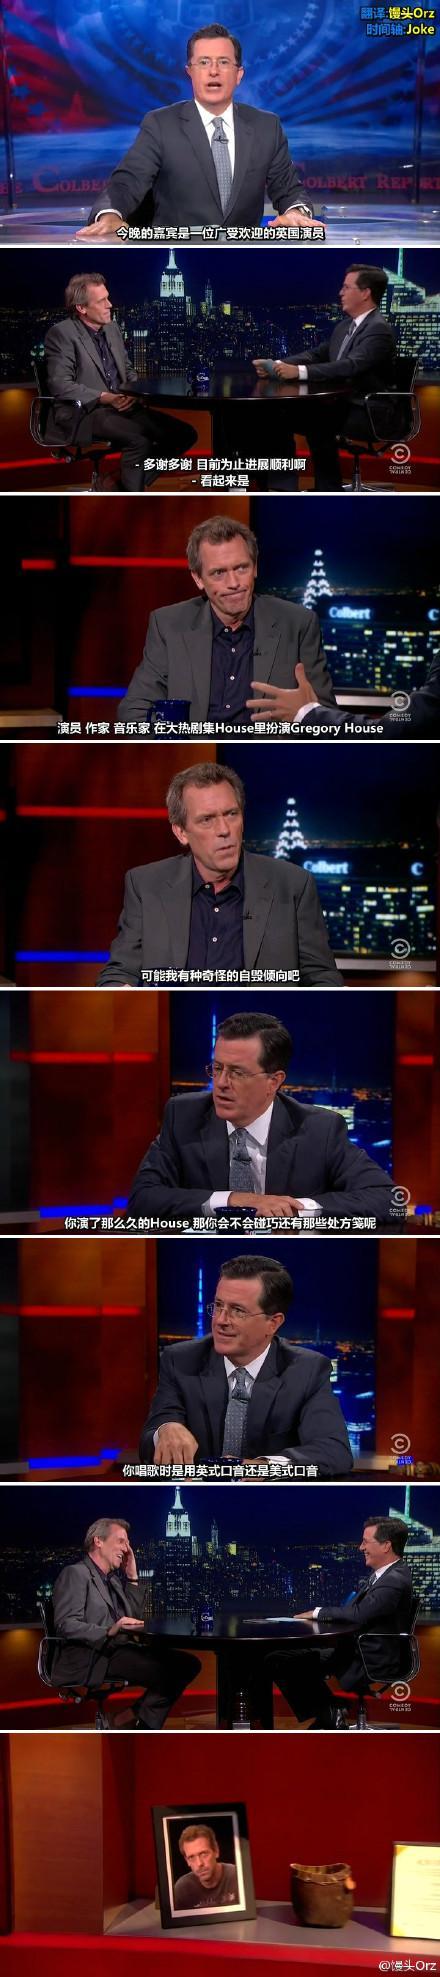 """扣扣熊报告 2013.08.05 嘉宾""""豪斯医生""""休劳瑞(Hugh Laurie)"""